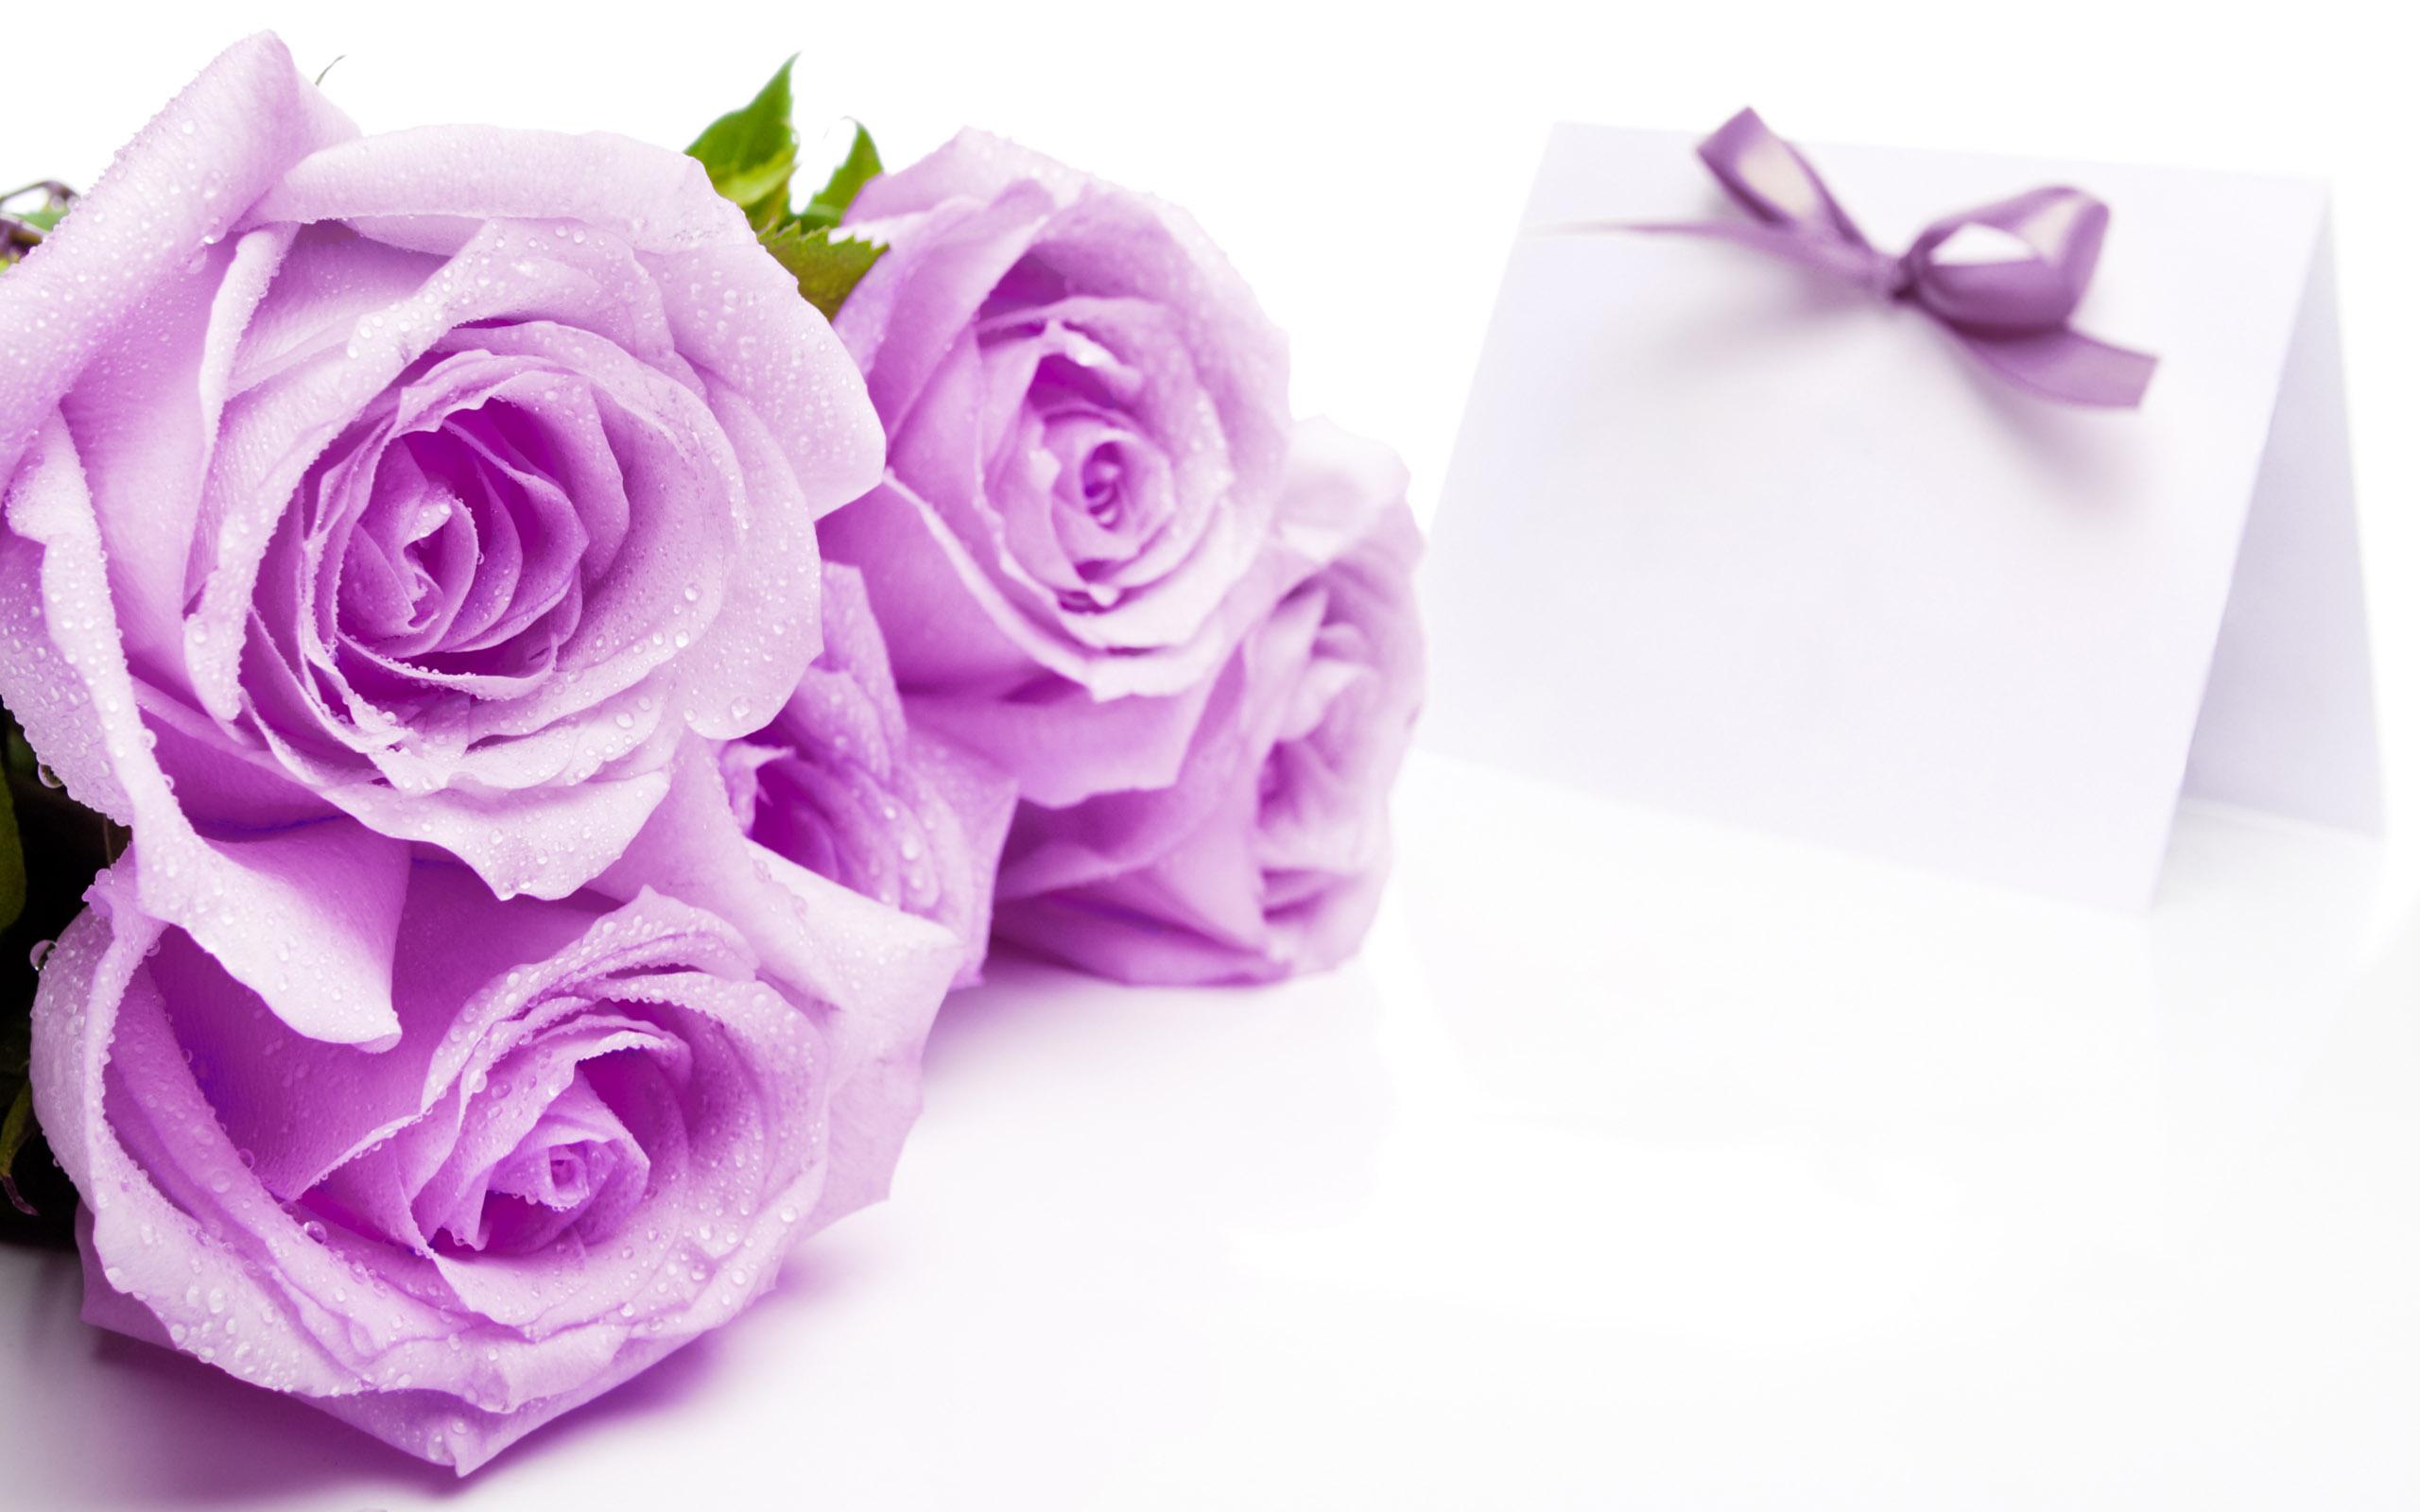 Rose Flower Images Wallpapers Wallpapersafari